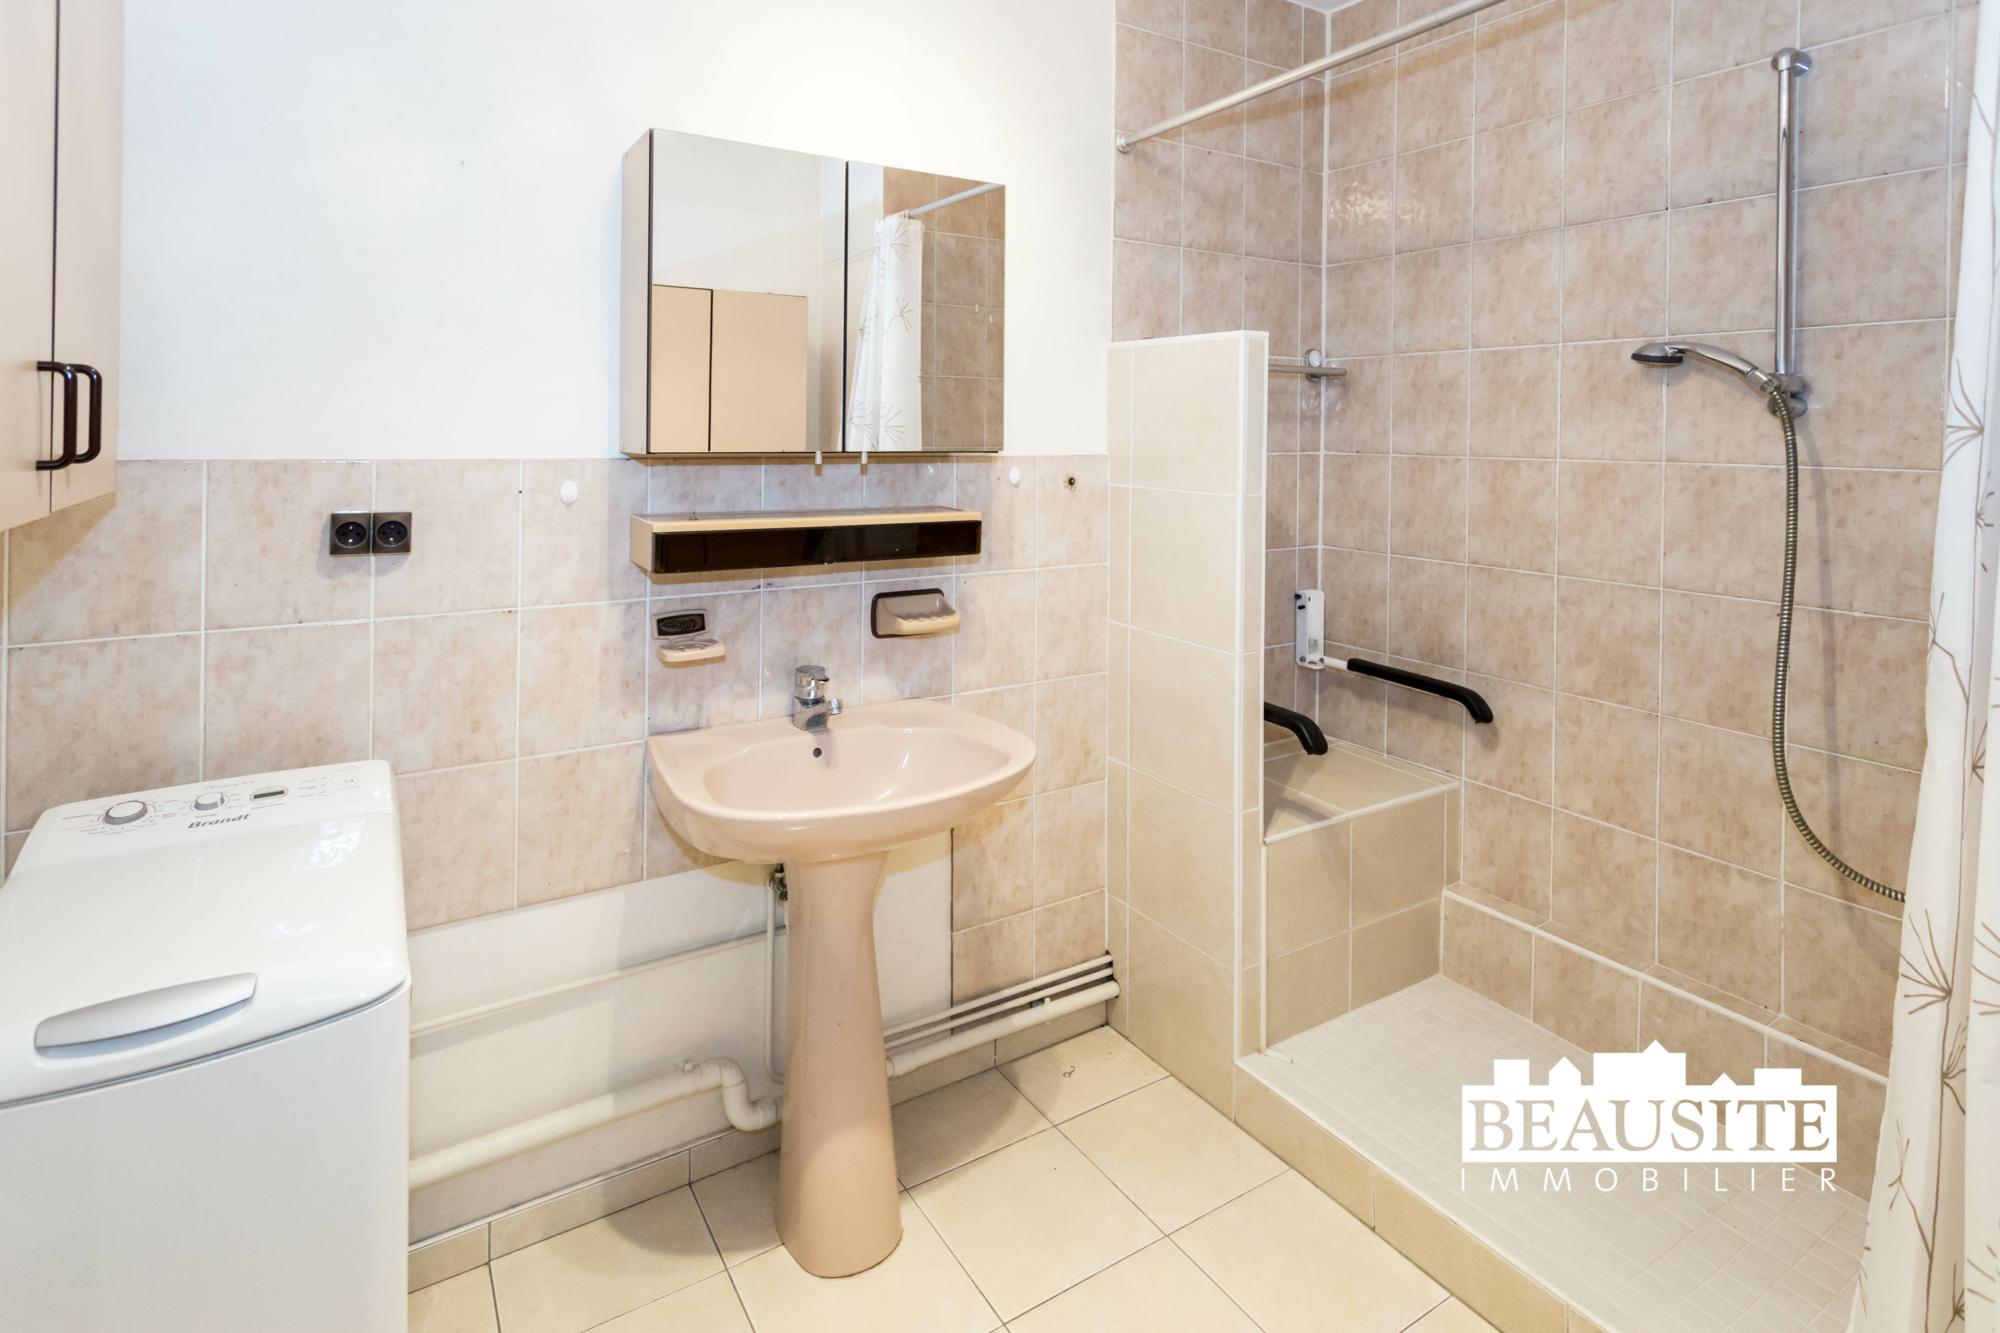 [Tonton] Un appartement familial avec balcon et garage - Neudorf / rue Saint-Amarin - nos ventes - Beausite Immobilier 16